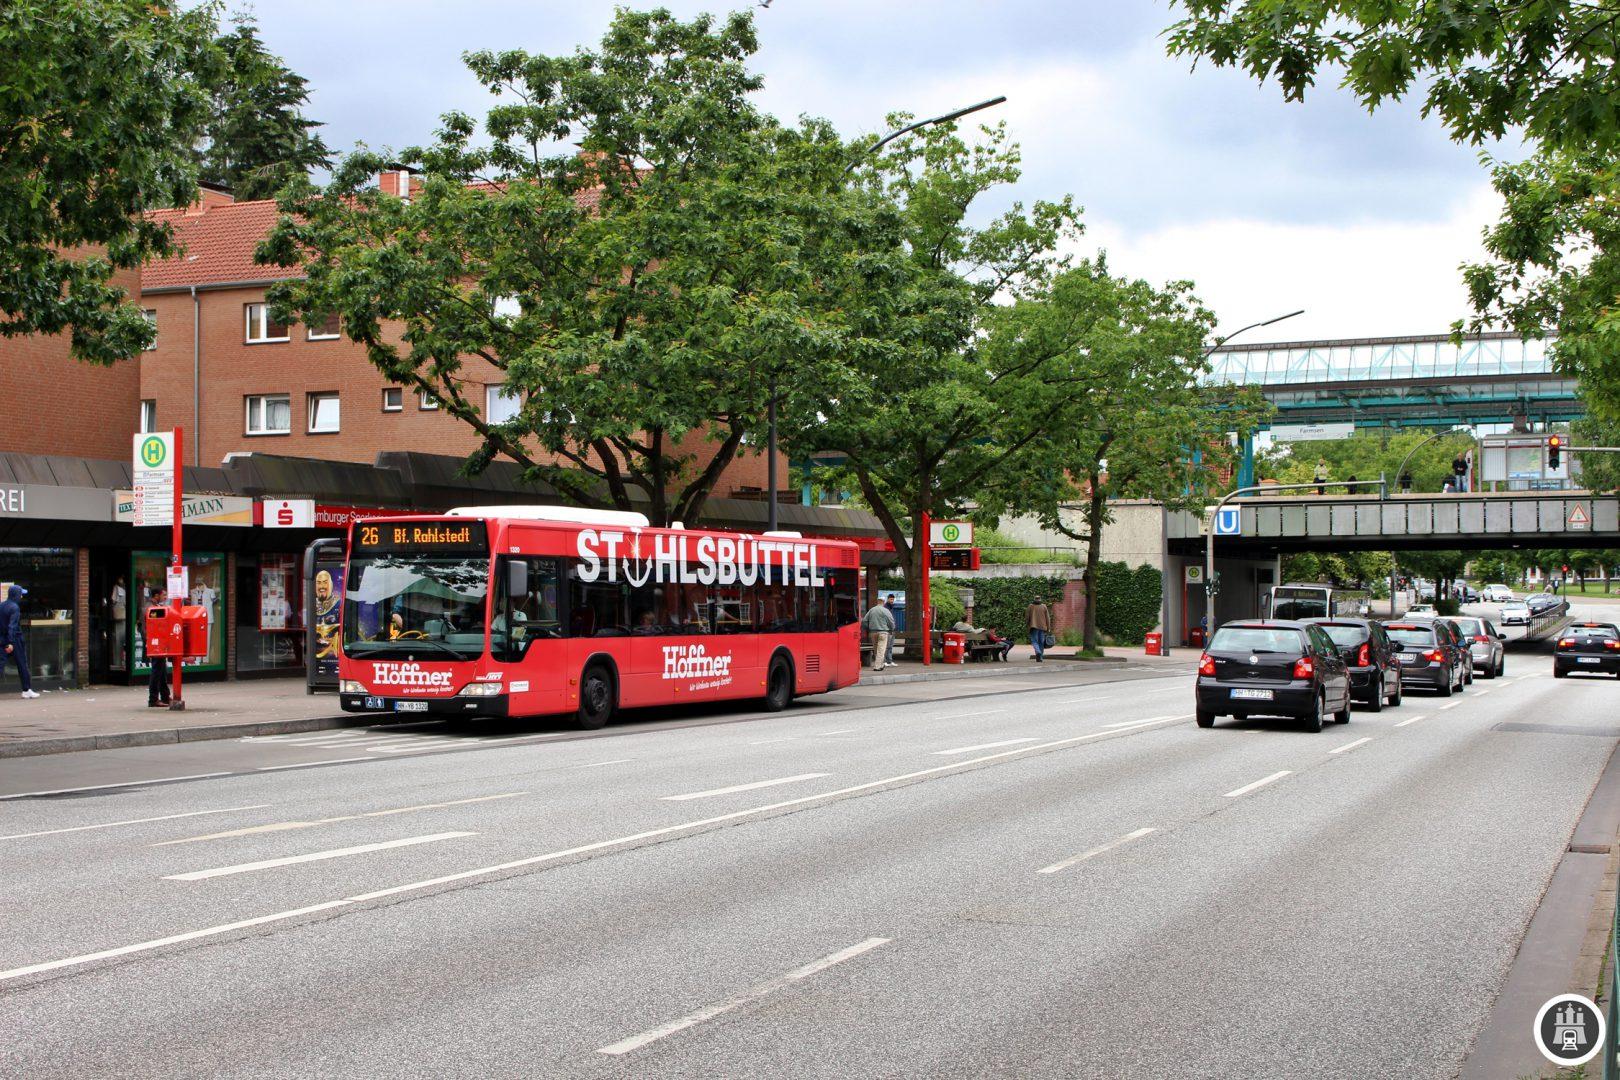 Der Bahnhof Farmsen wurde 1918 eröffnet und besitzt seit dem Bau der Betriebswerkstatt nördlich der Haltestelle in den Jahren 1962 – 1964 einen zweiten Bahnsteig. Sein heutiges Aussehen hat der Bahnhof seit 1996, wo das Dach erneuert und der südlich gelegene Ausgang zu den Bussen, hier links im Bild, geschaffen wurde.